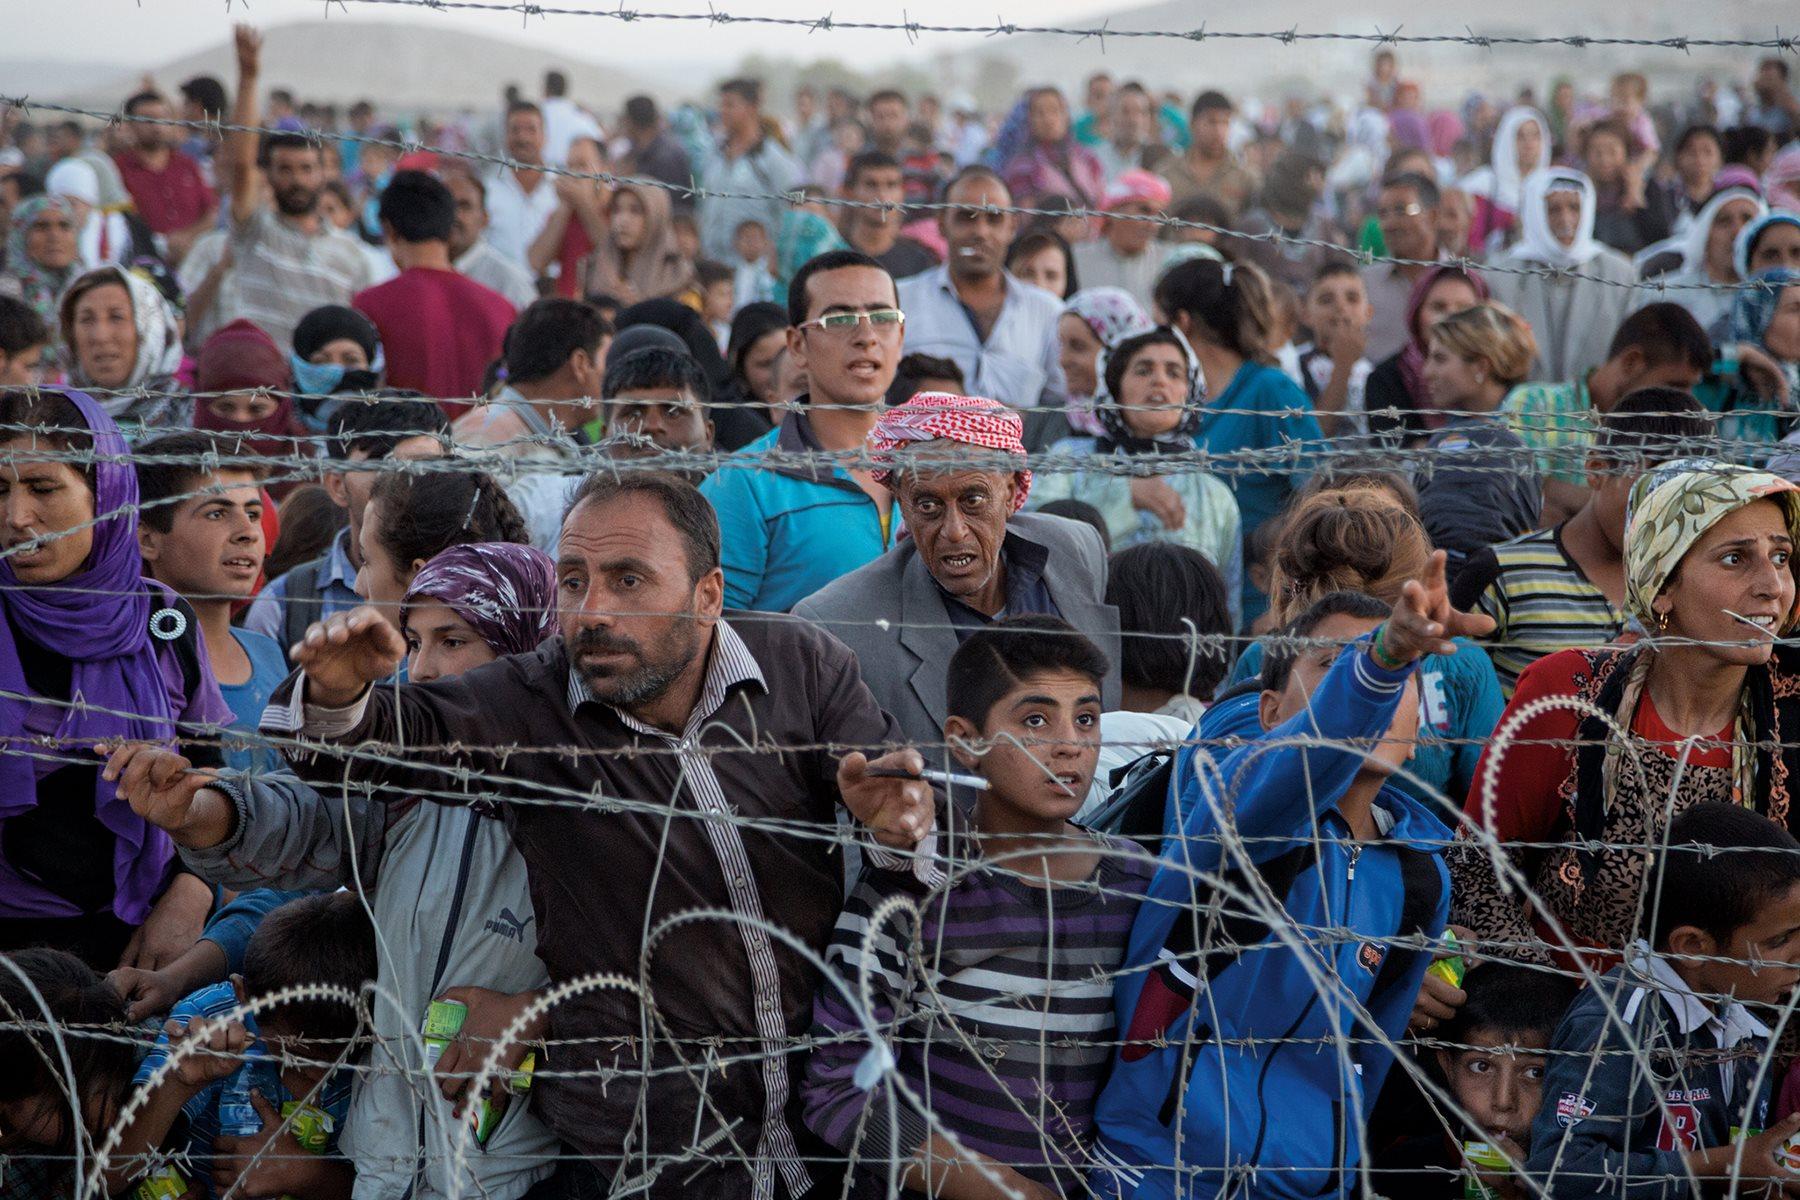 Crisis de refugiados: El cierre de las fronteras de los Balcanes deja a miles de personas separadas y varadas en Grecia